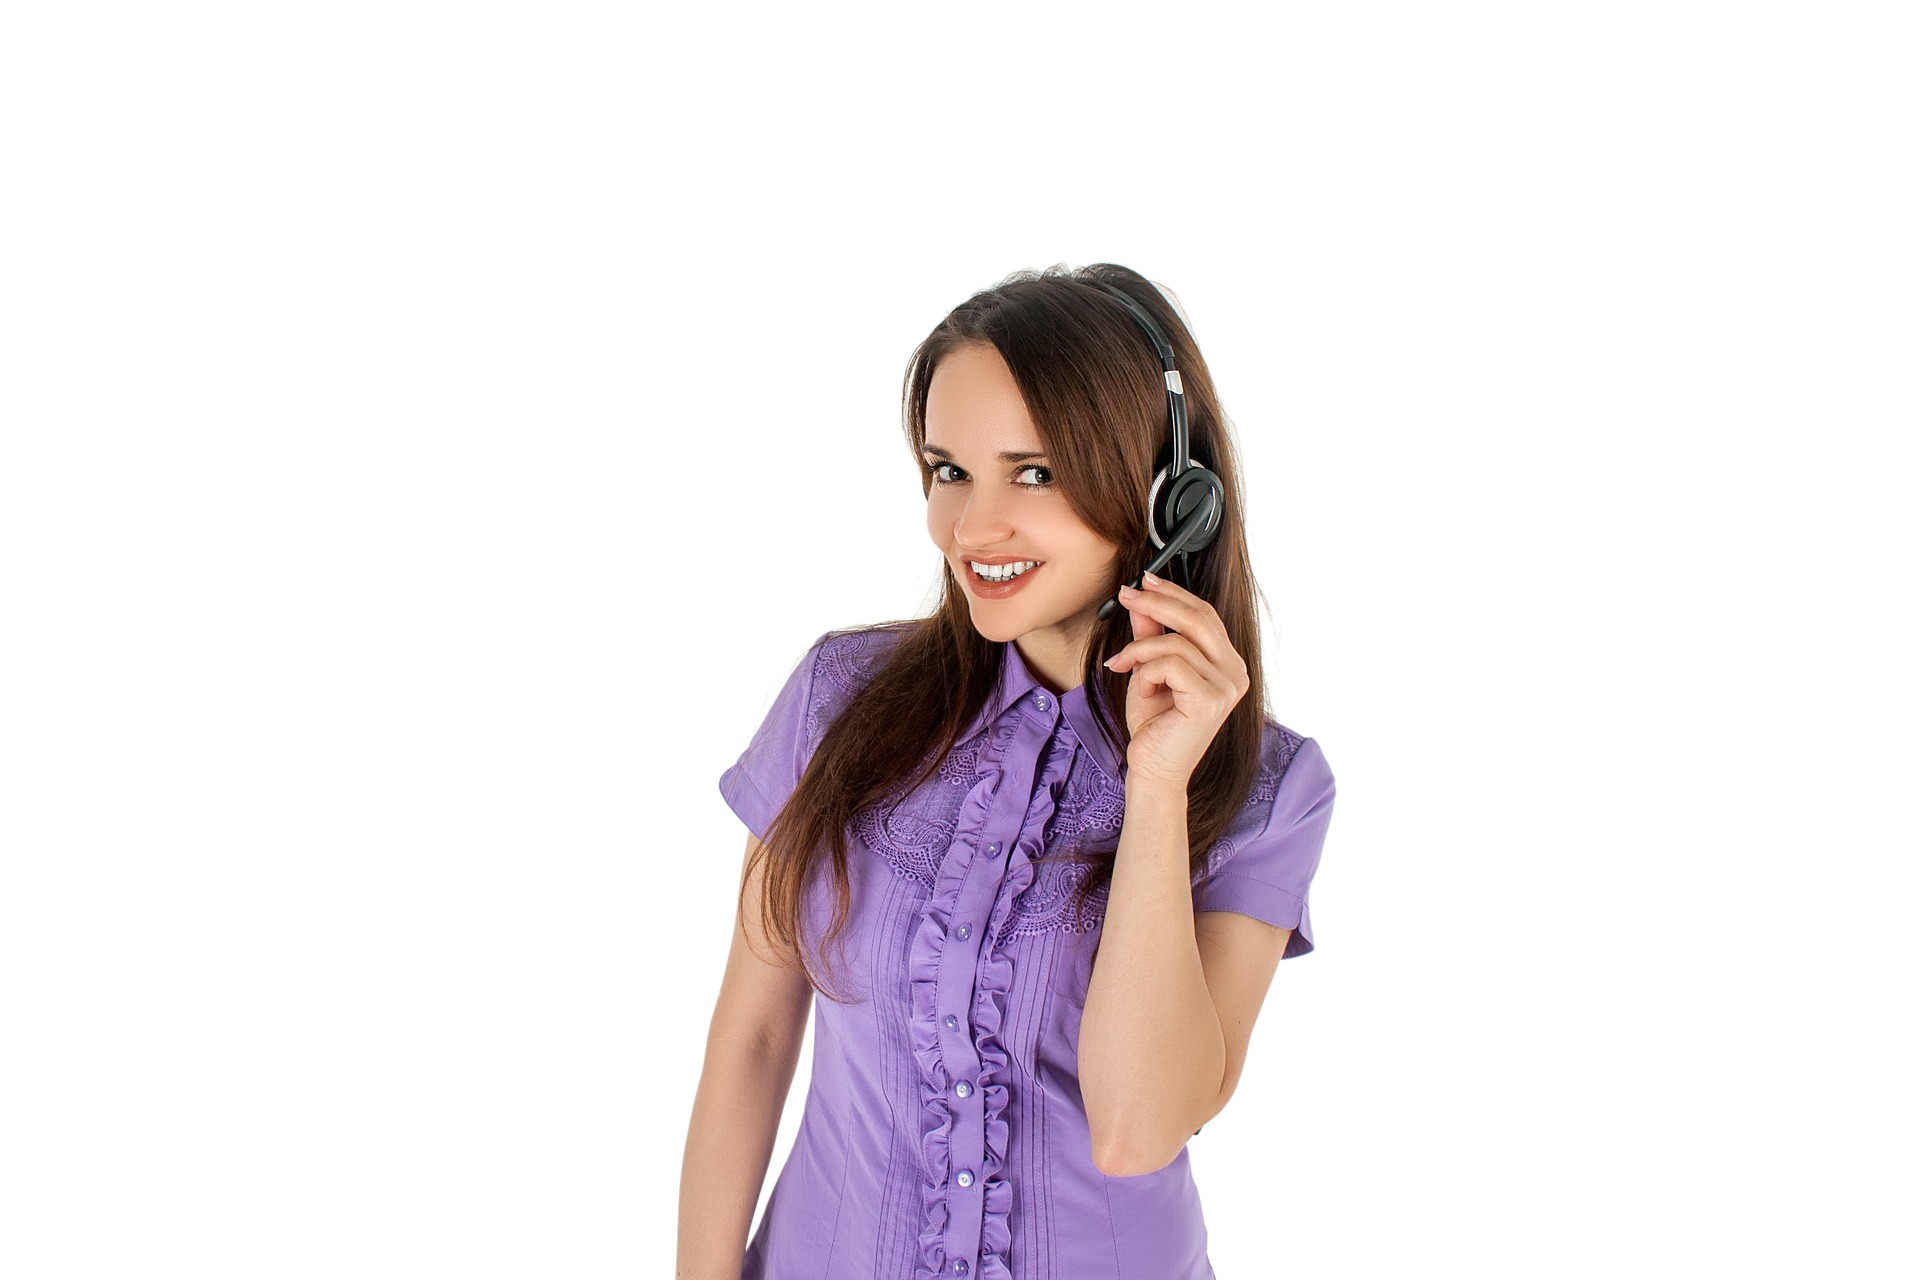 מרכזייה vs מוקד טלפוני: מה מתאים לעסק שלך?